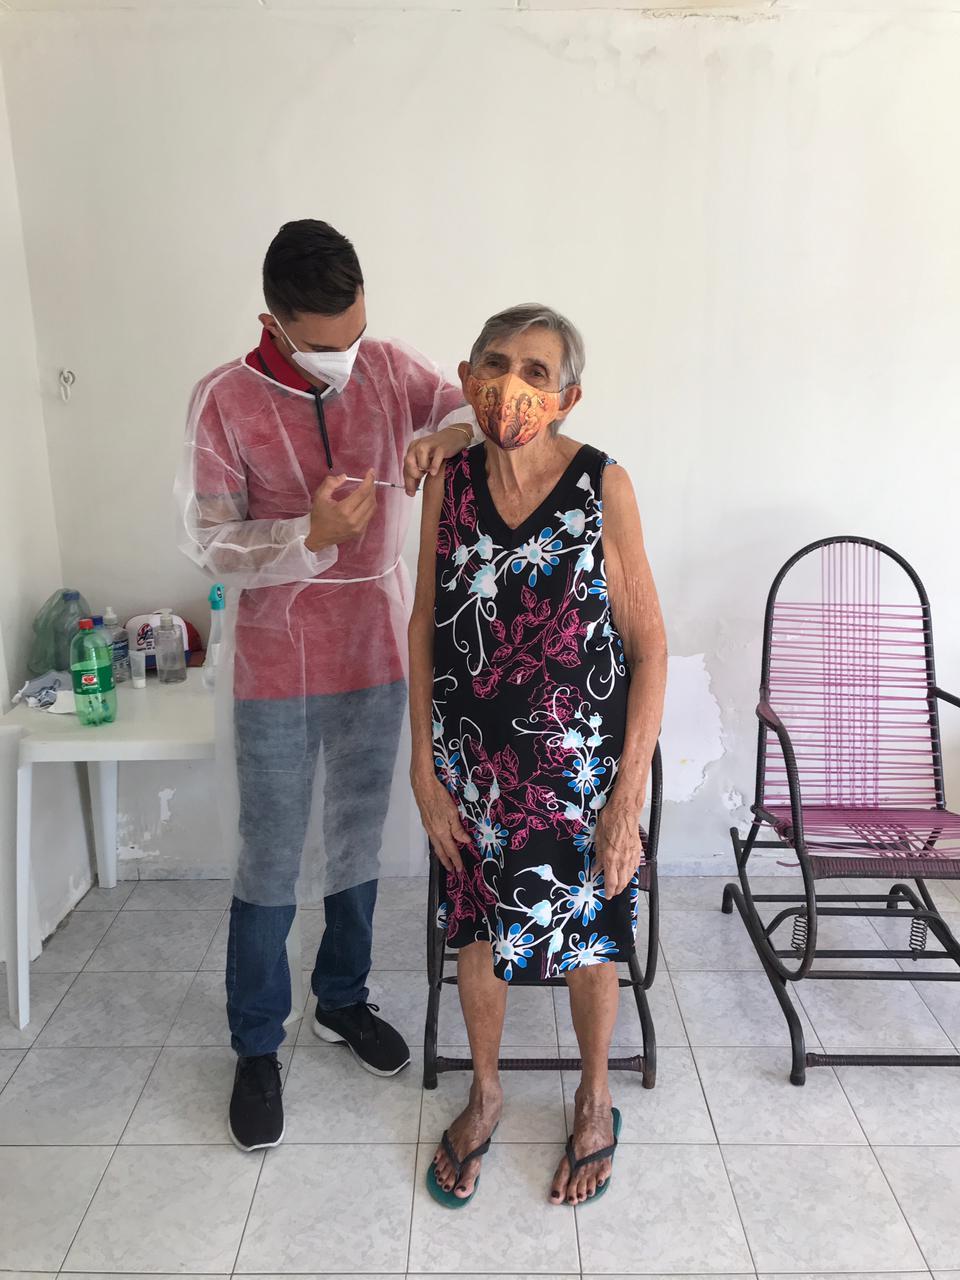 Imunizacao-idosos-acamados-Monteiro-PB-2 Secretaria de Saúde de Monteiro cumpre meta de vacinação contra covid-19 para idosos acamados acima de 80 anos